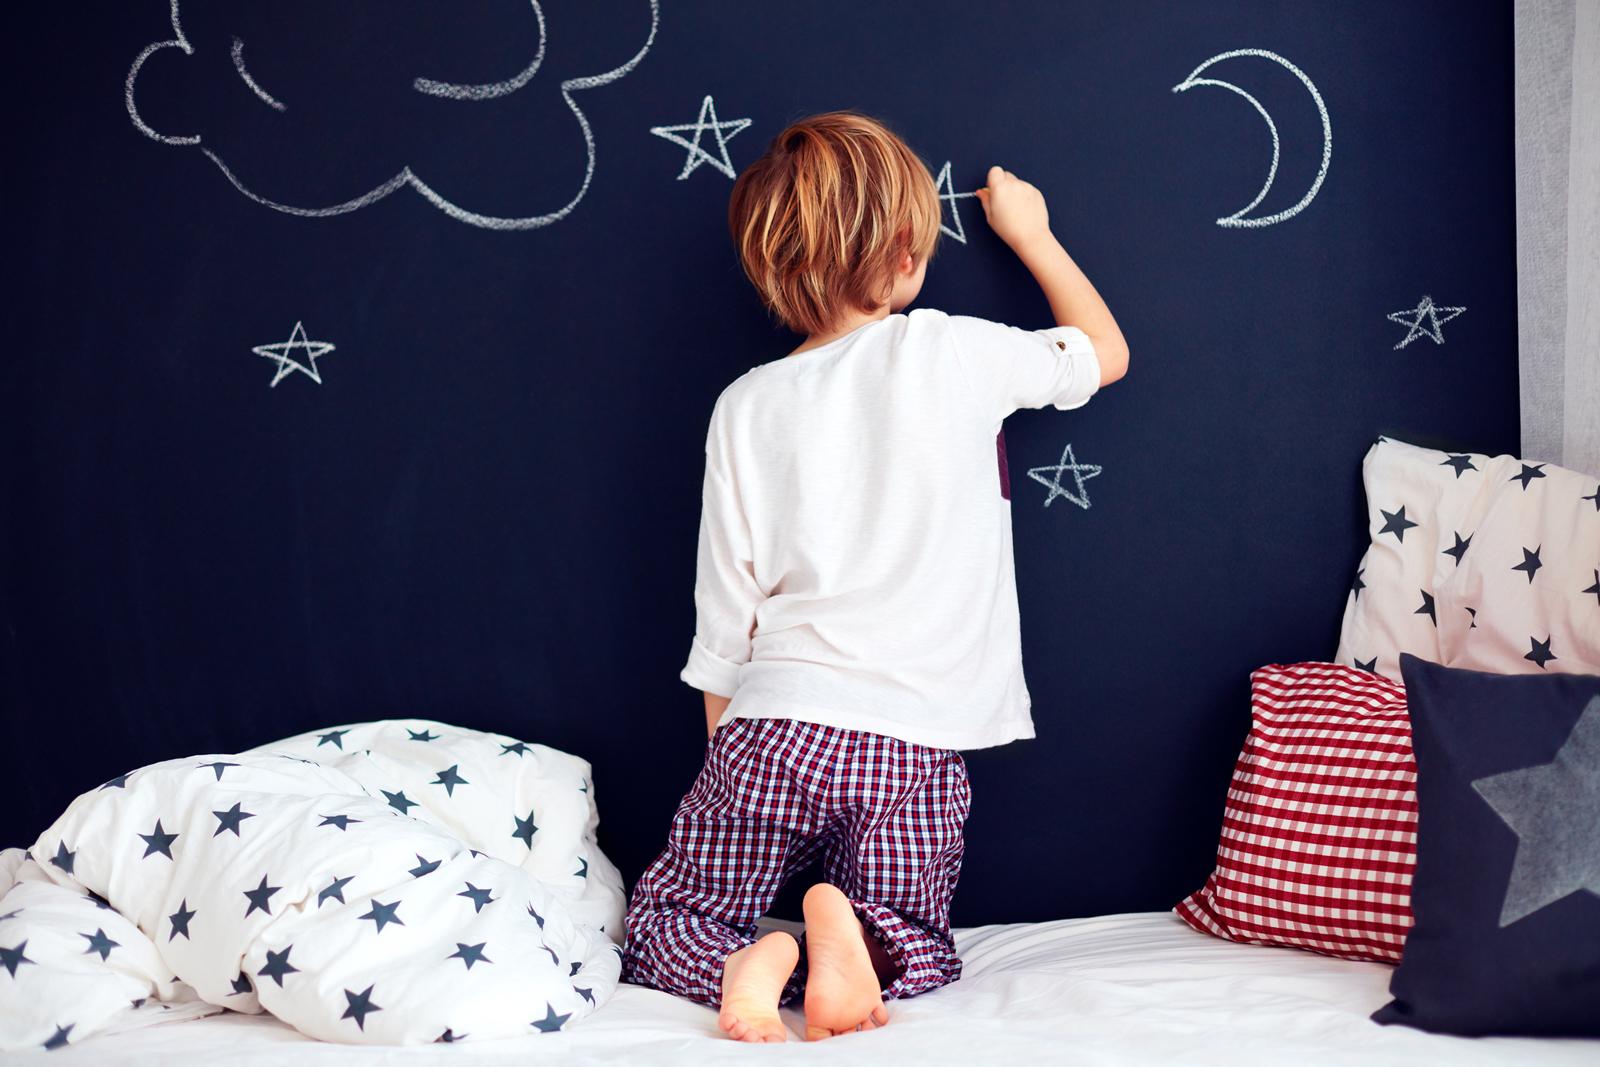 Mit Tafelkreide erzeugst du nicht nur Ruhe, sondern schaffst auch zusätzliche Fläche für mehr Kreativität.